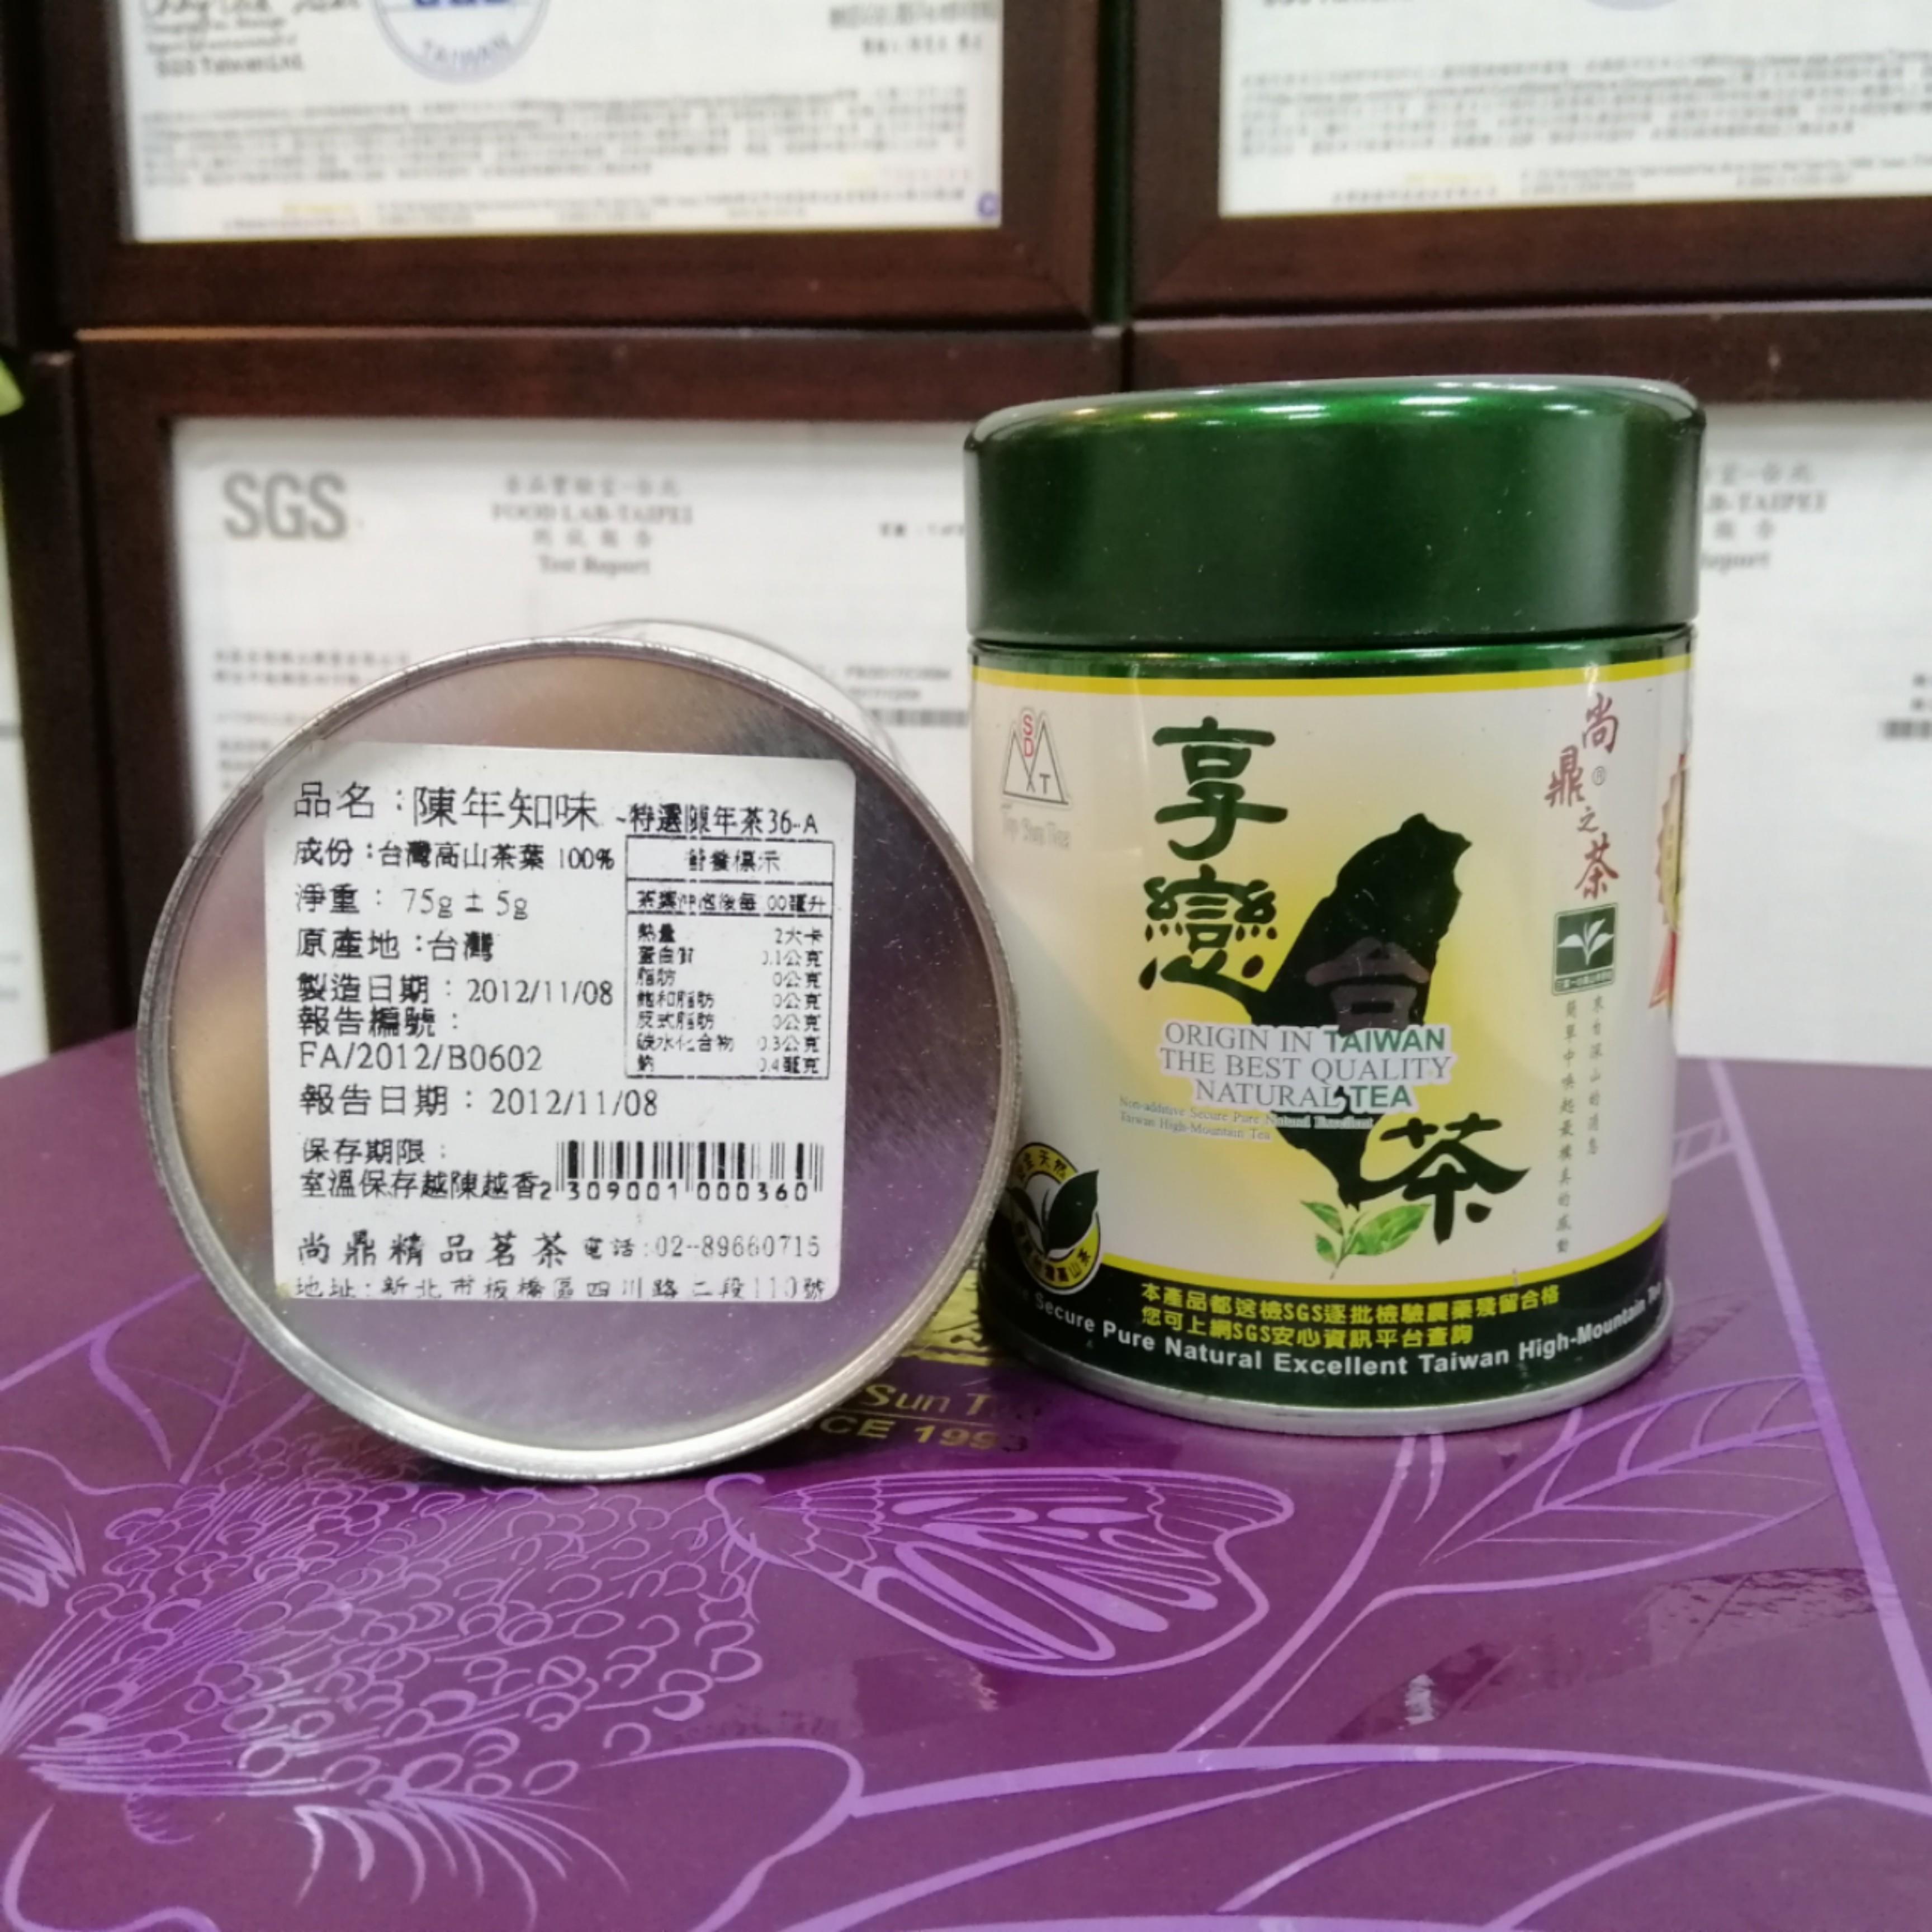 【典藏珍品】陳年知味 特選陳年茶36A / Aged Tea Special  (75g/罐) 已售罄